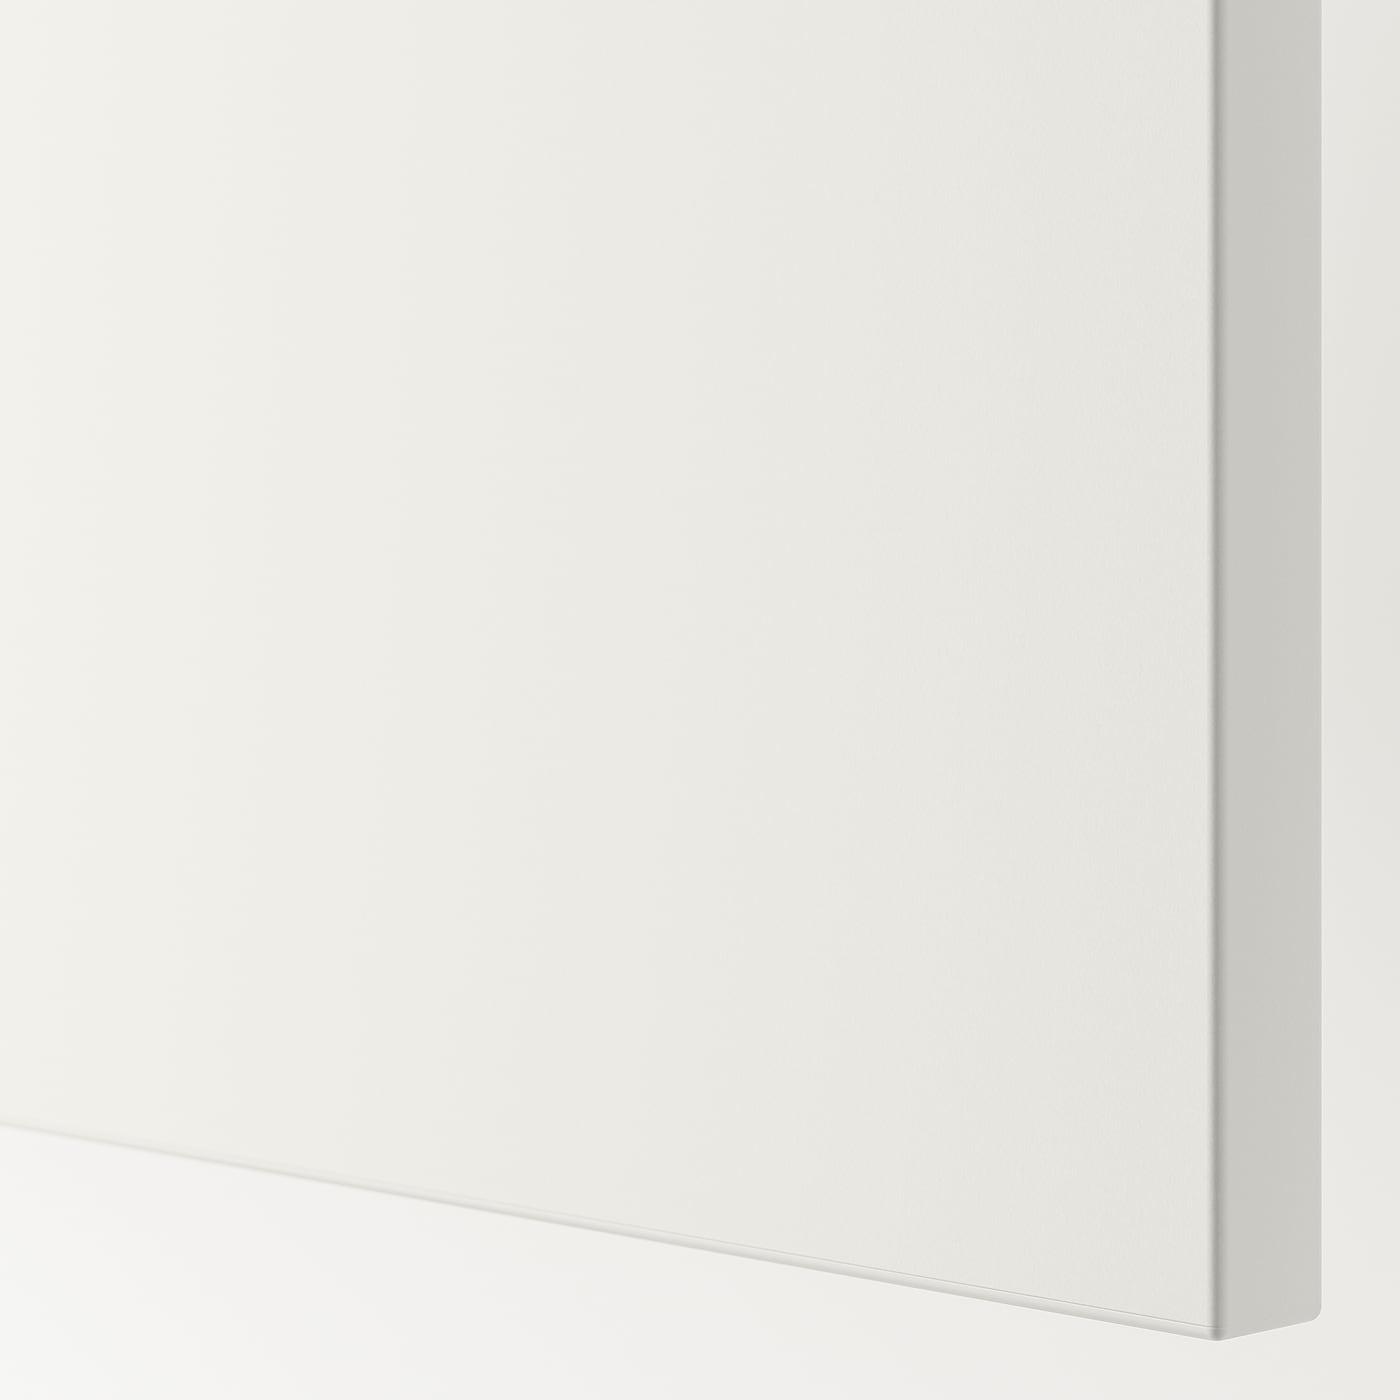 FONNES Drawer front, white, 60x20 cm